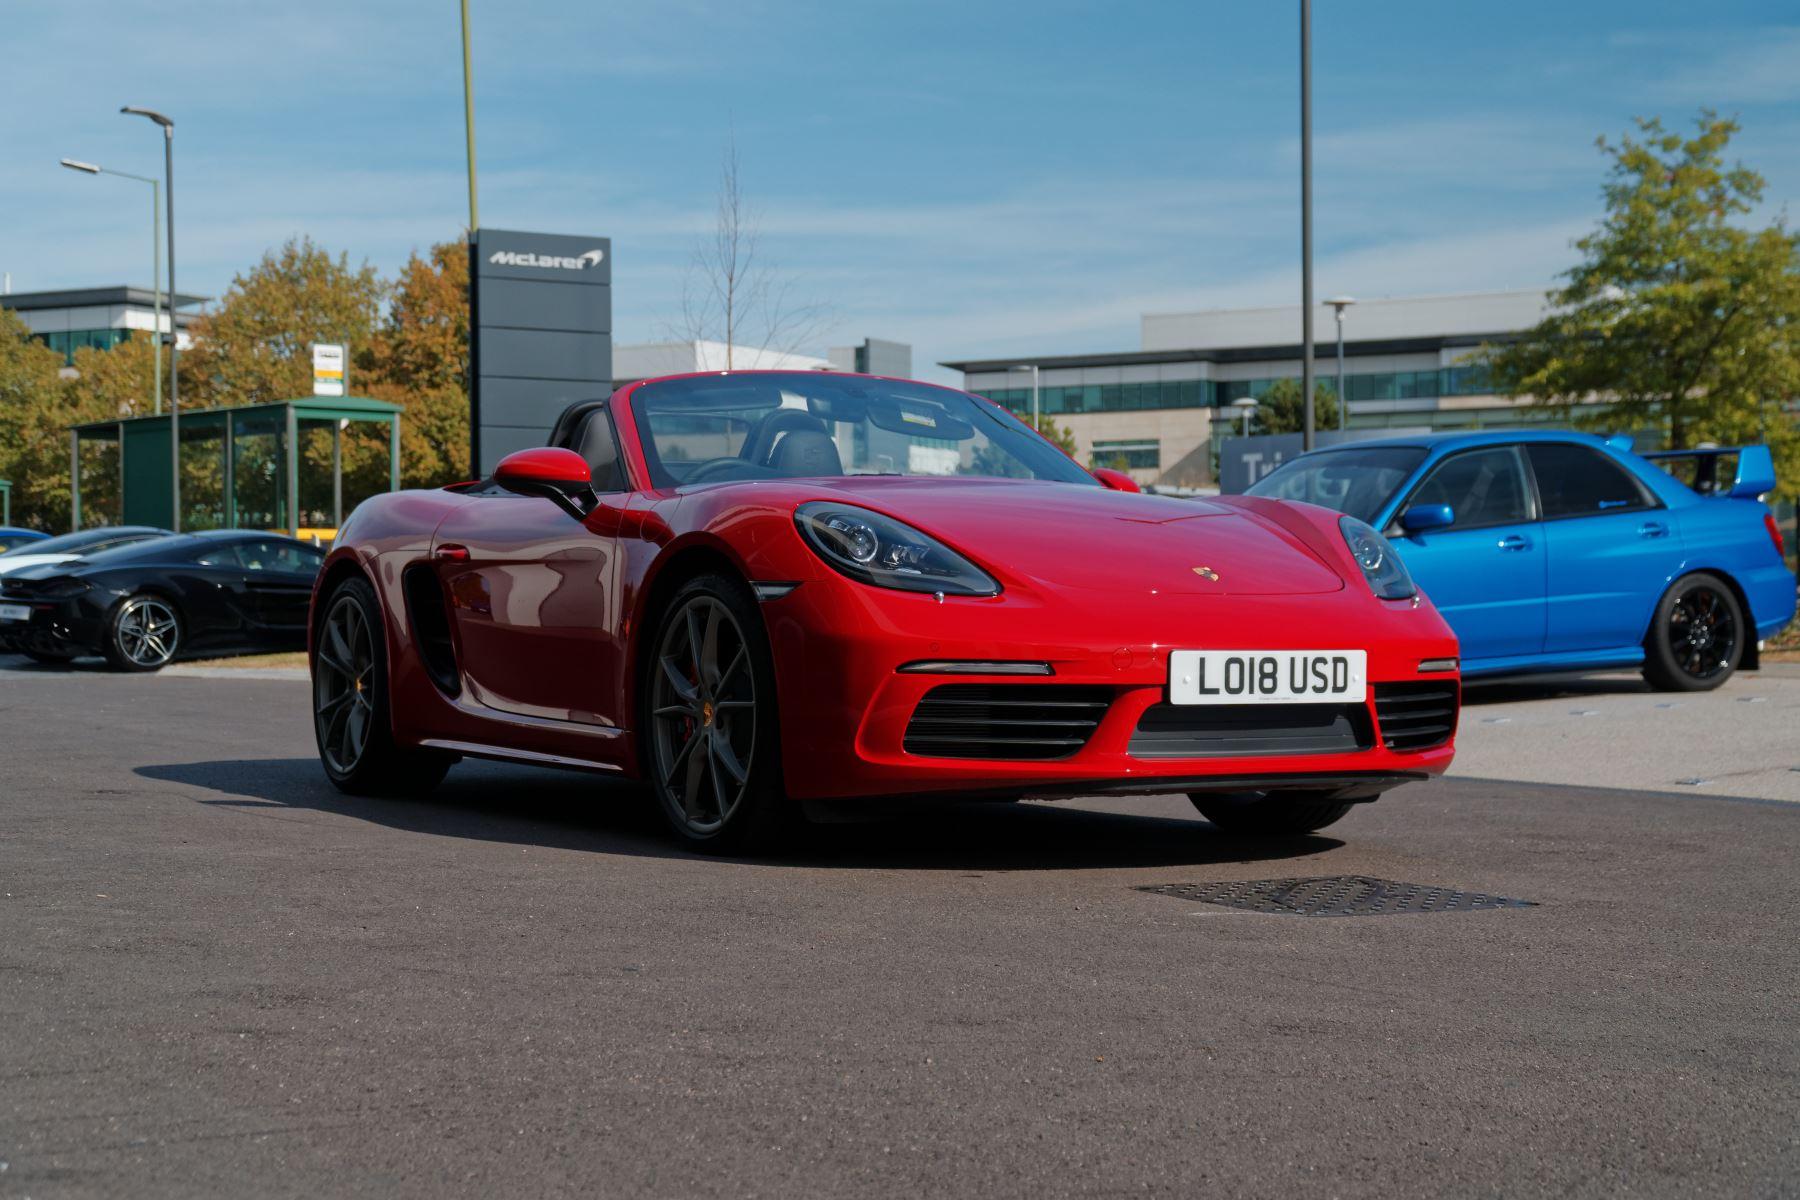 Porsche Boxster S image 13